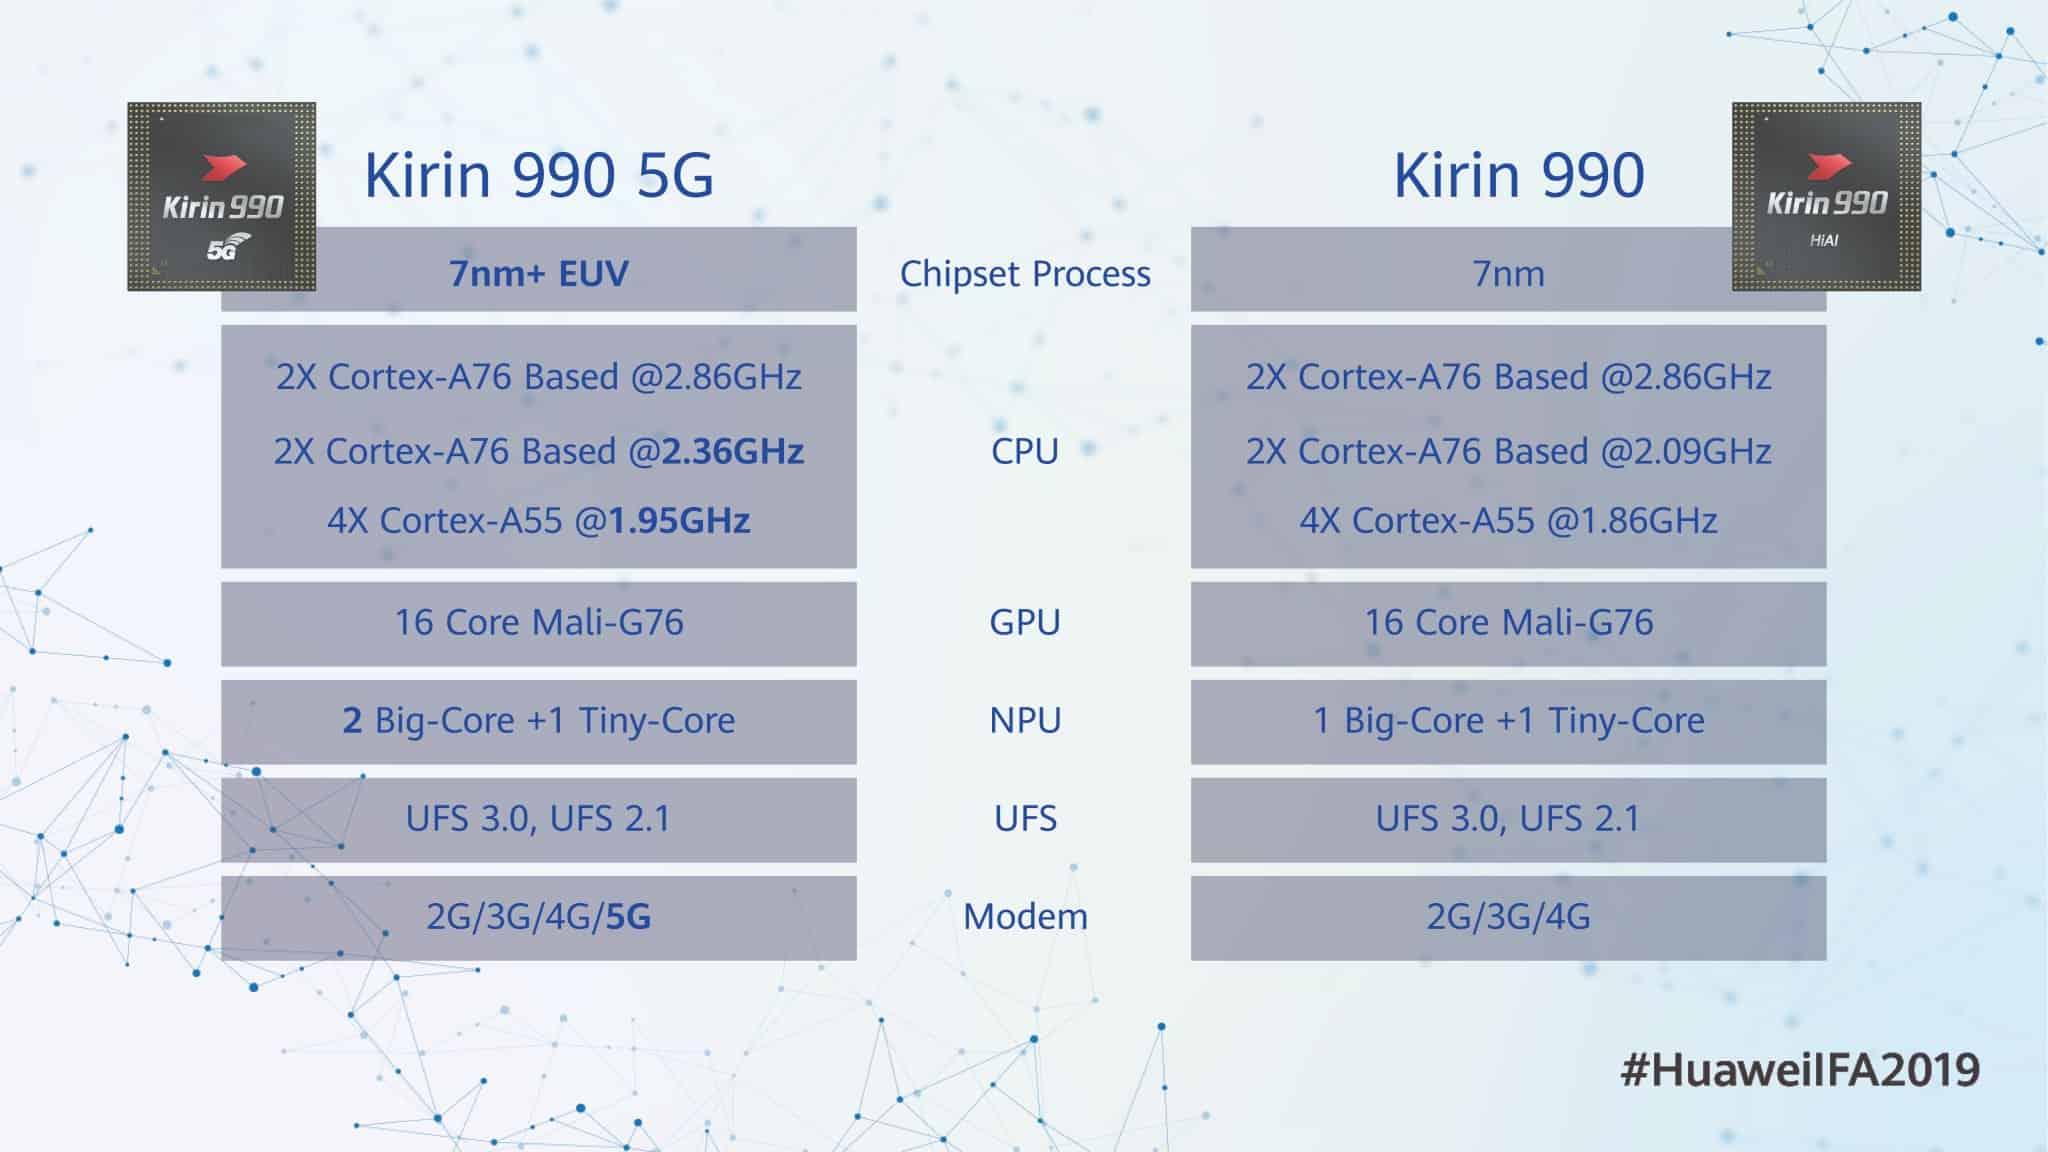 Huawei Kirin 990 image 1